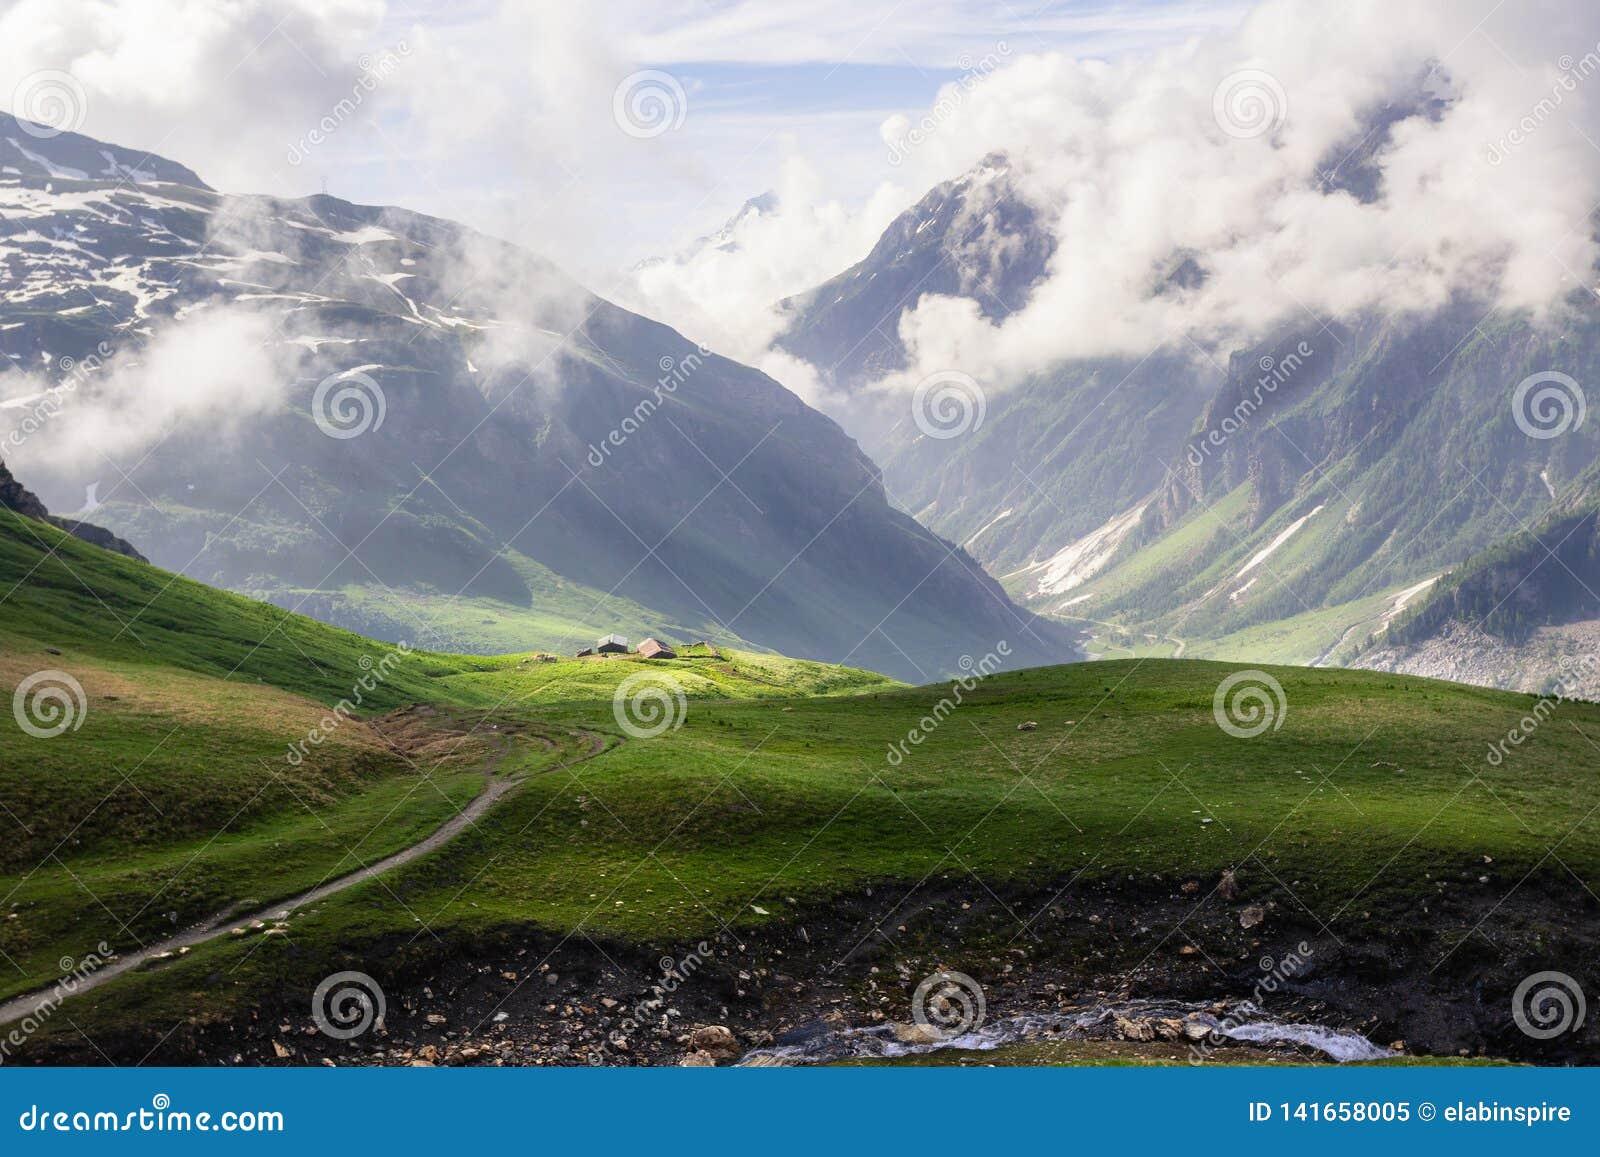 Πράσινοι αλπικοί τομείς και λιβάδια, χιονώδεις αιχμές στις ευρωπαϊκές γαλλικές Άλπεις